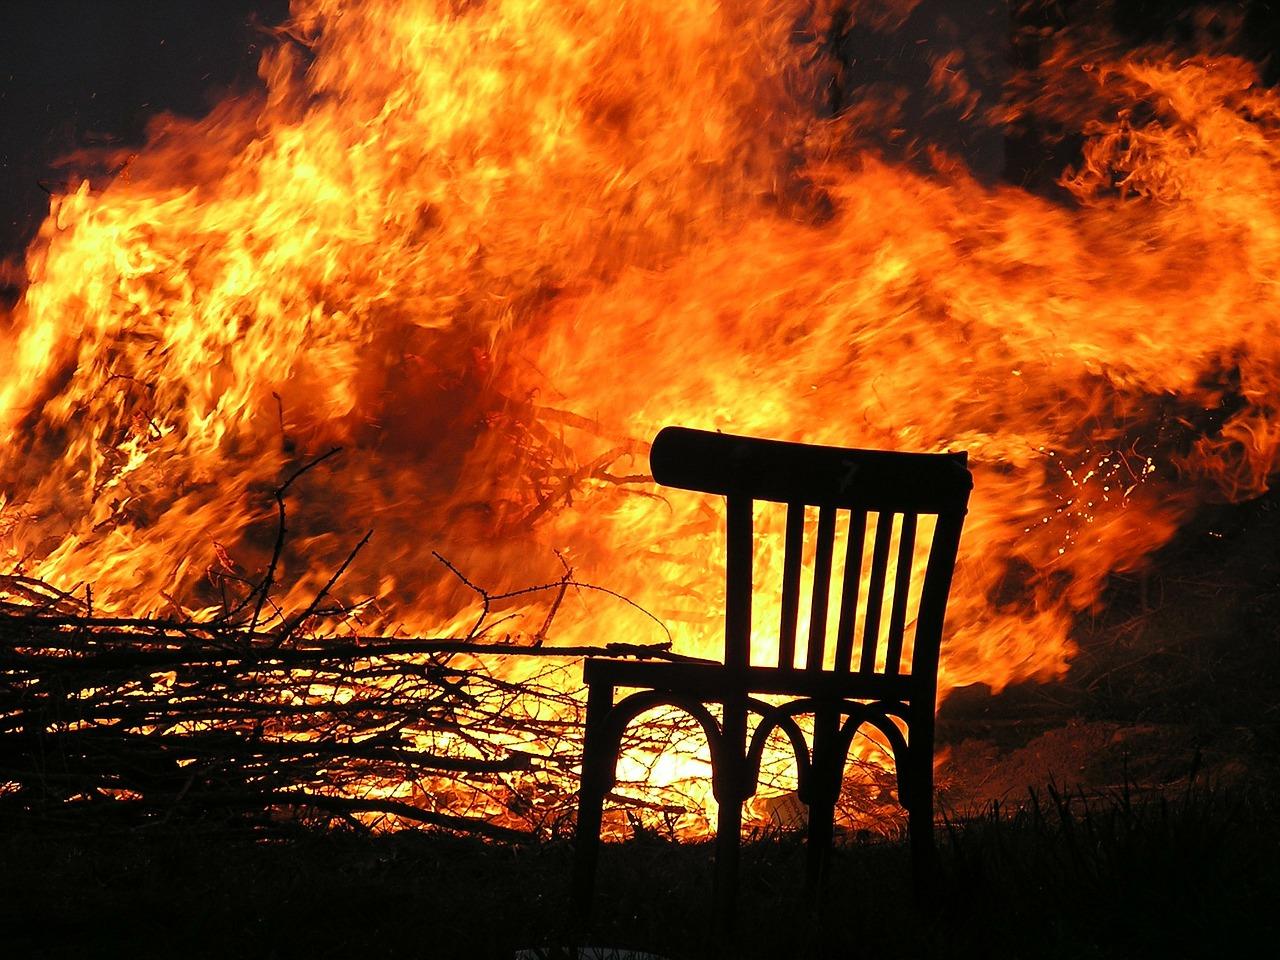 Астраханскую область охватили сотни пожаров